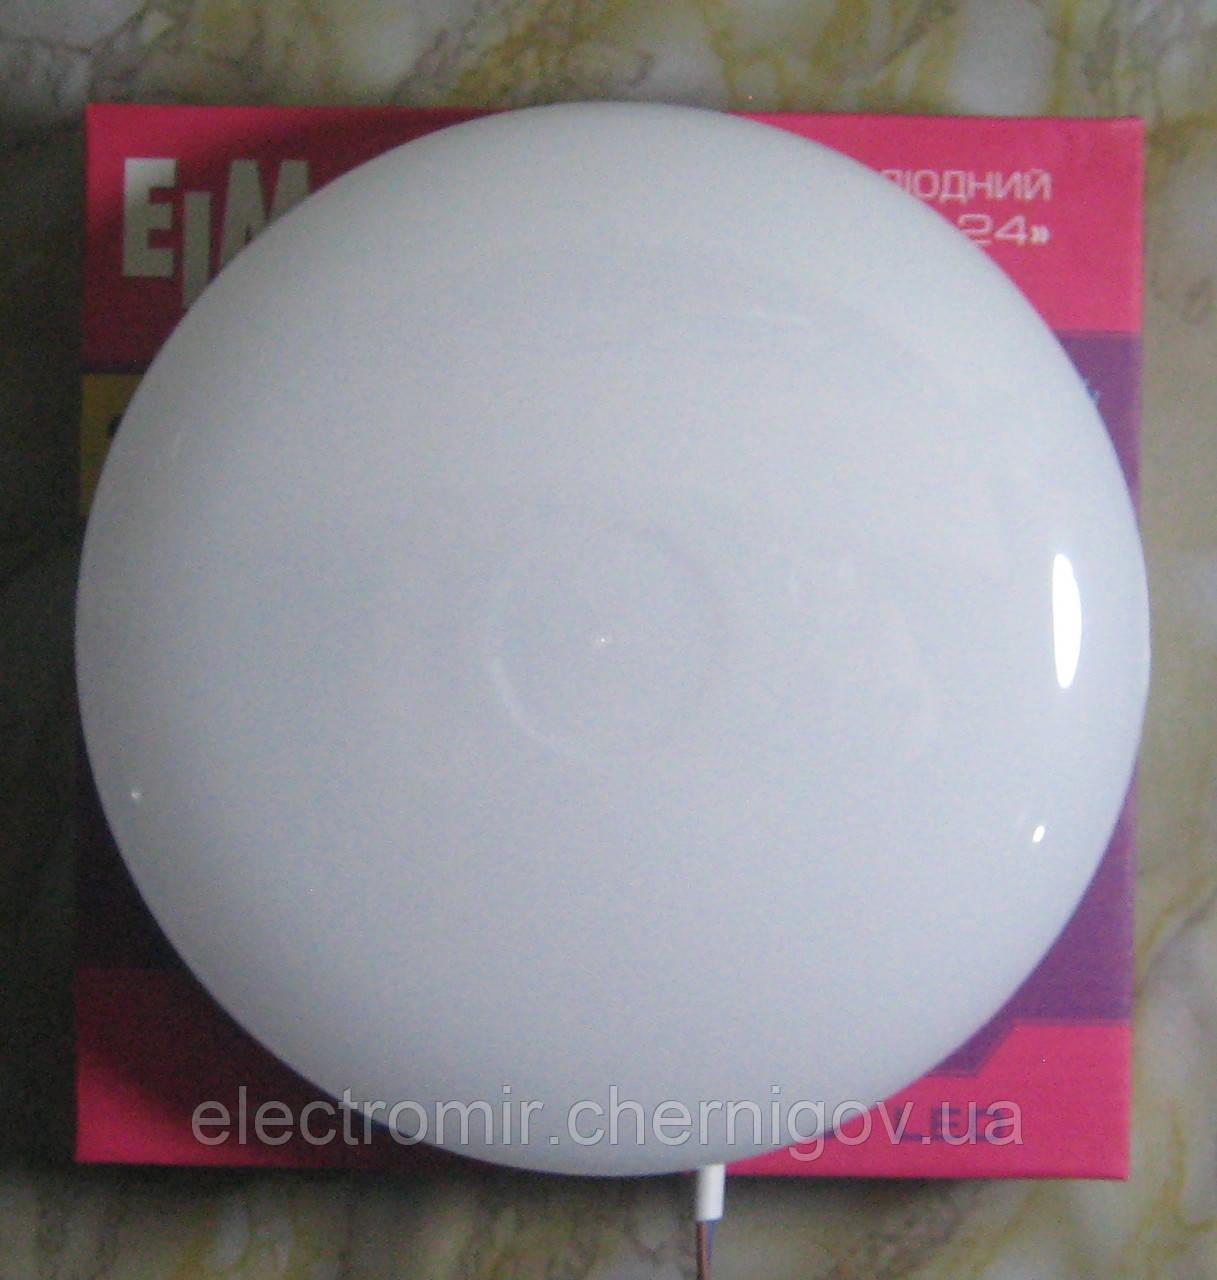 Светильник накладной светодиодный круглый ELM VEGA-24